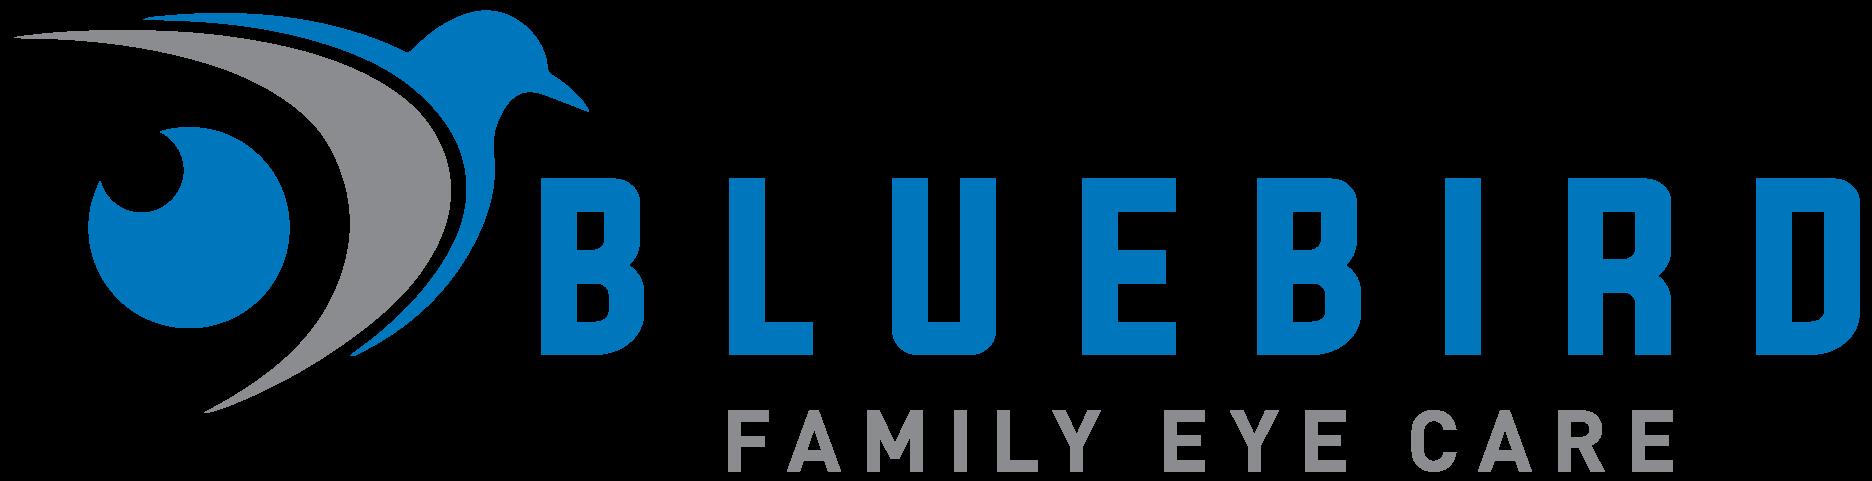 Bluebird Family Eye Care